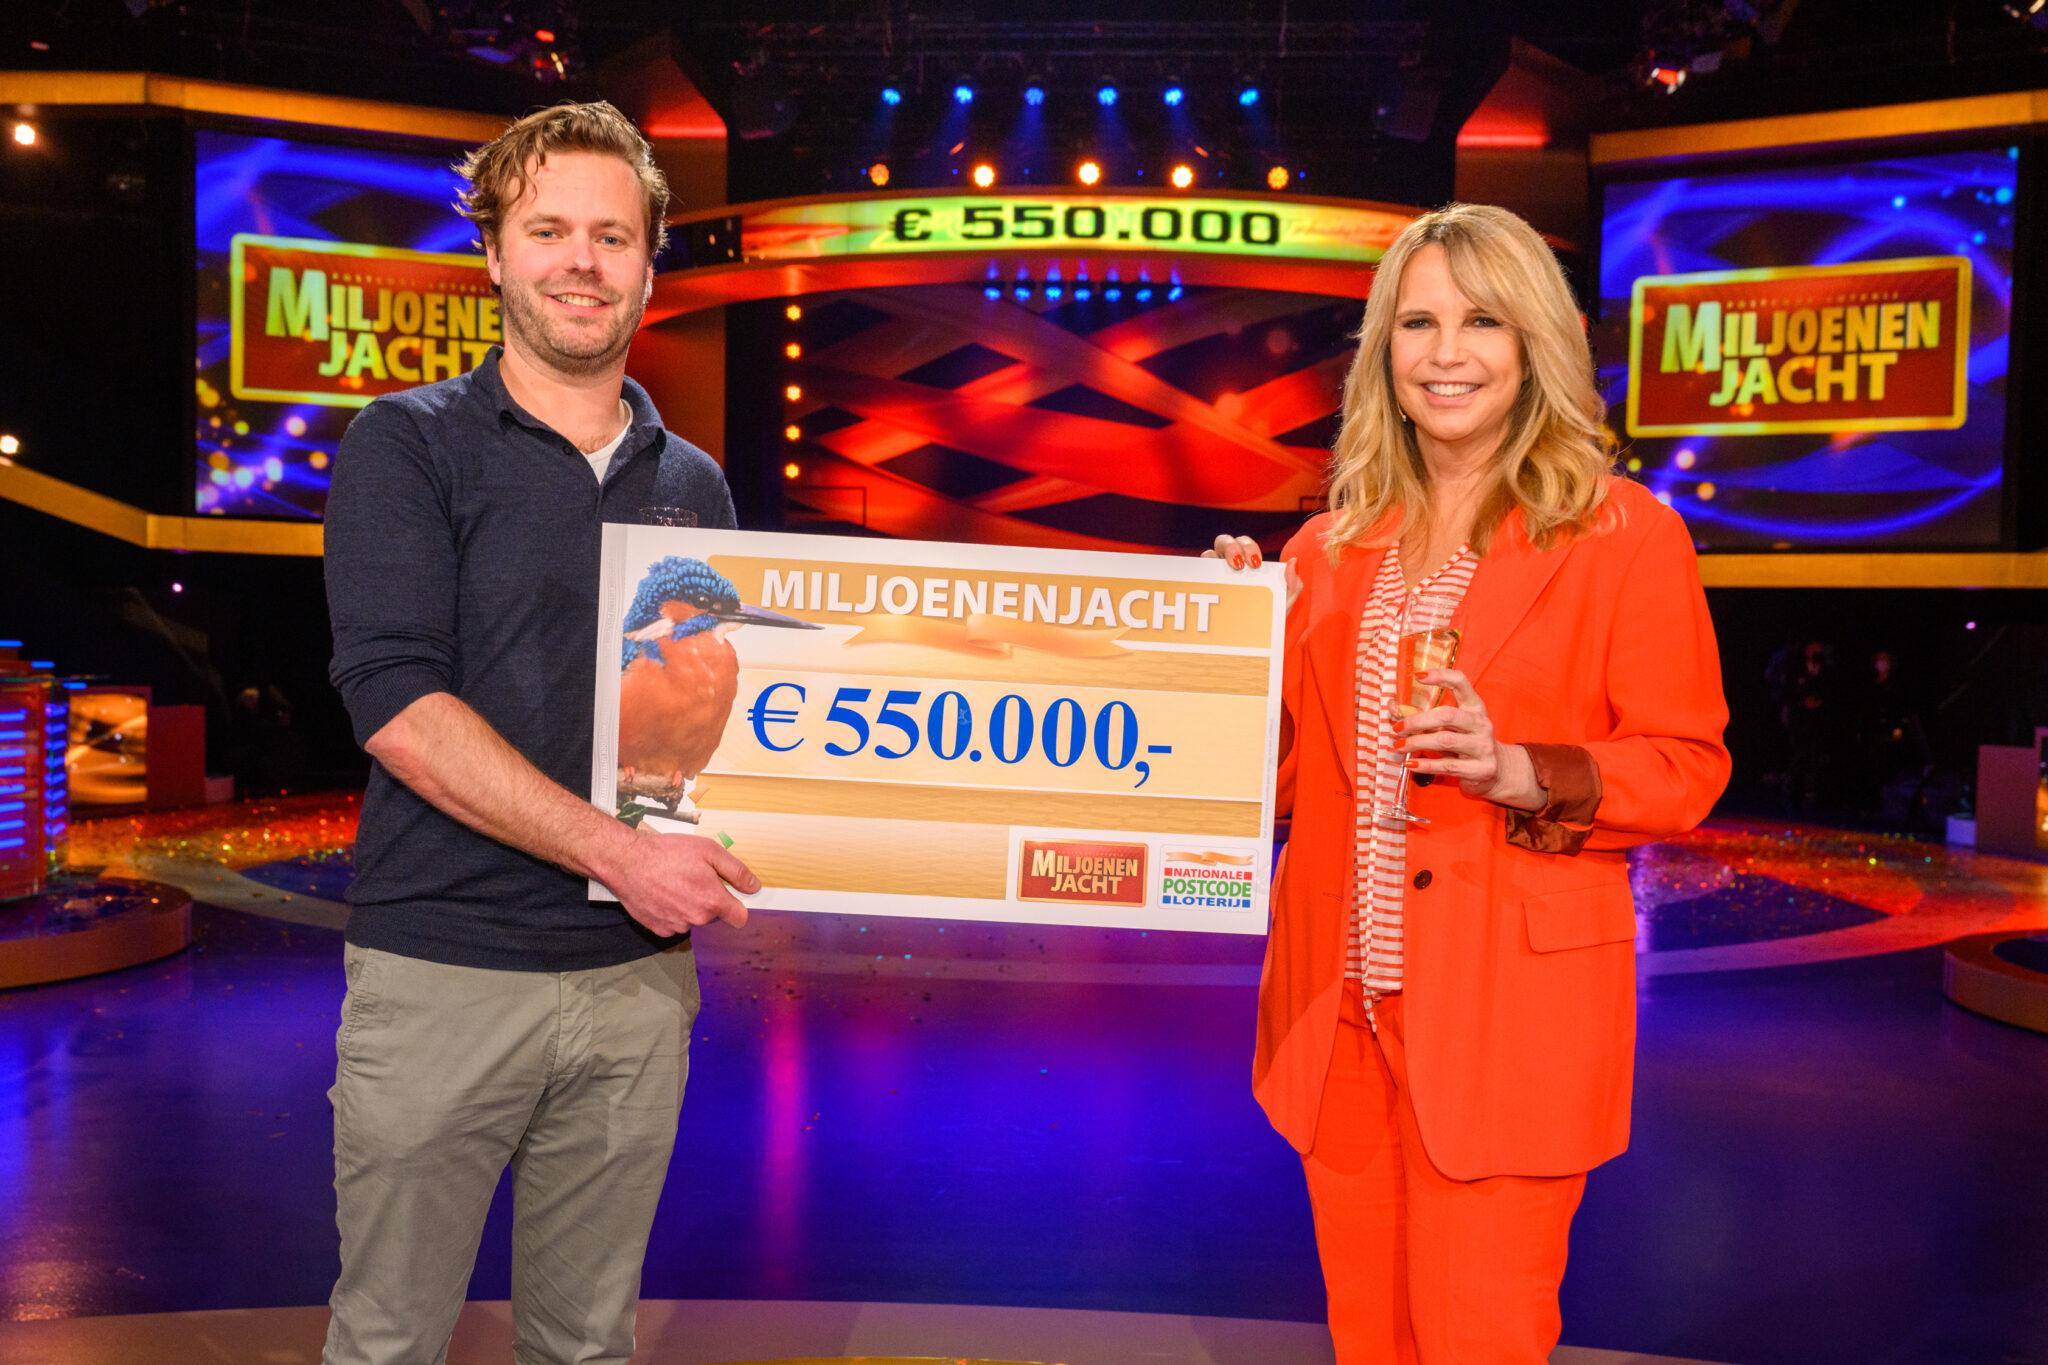 Maarten-uit-Enschede-wint-550.000-euro-bij-tv-show-Miljoenenjacht